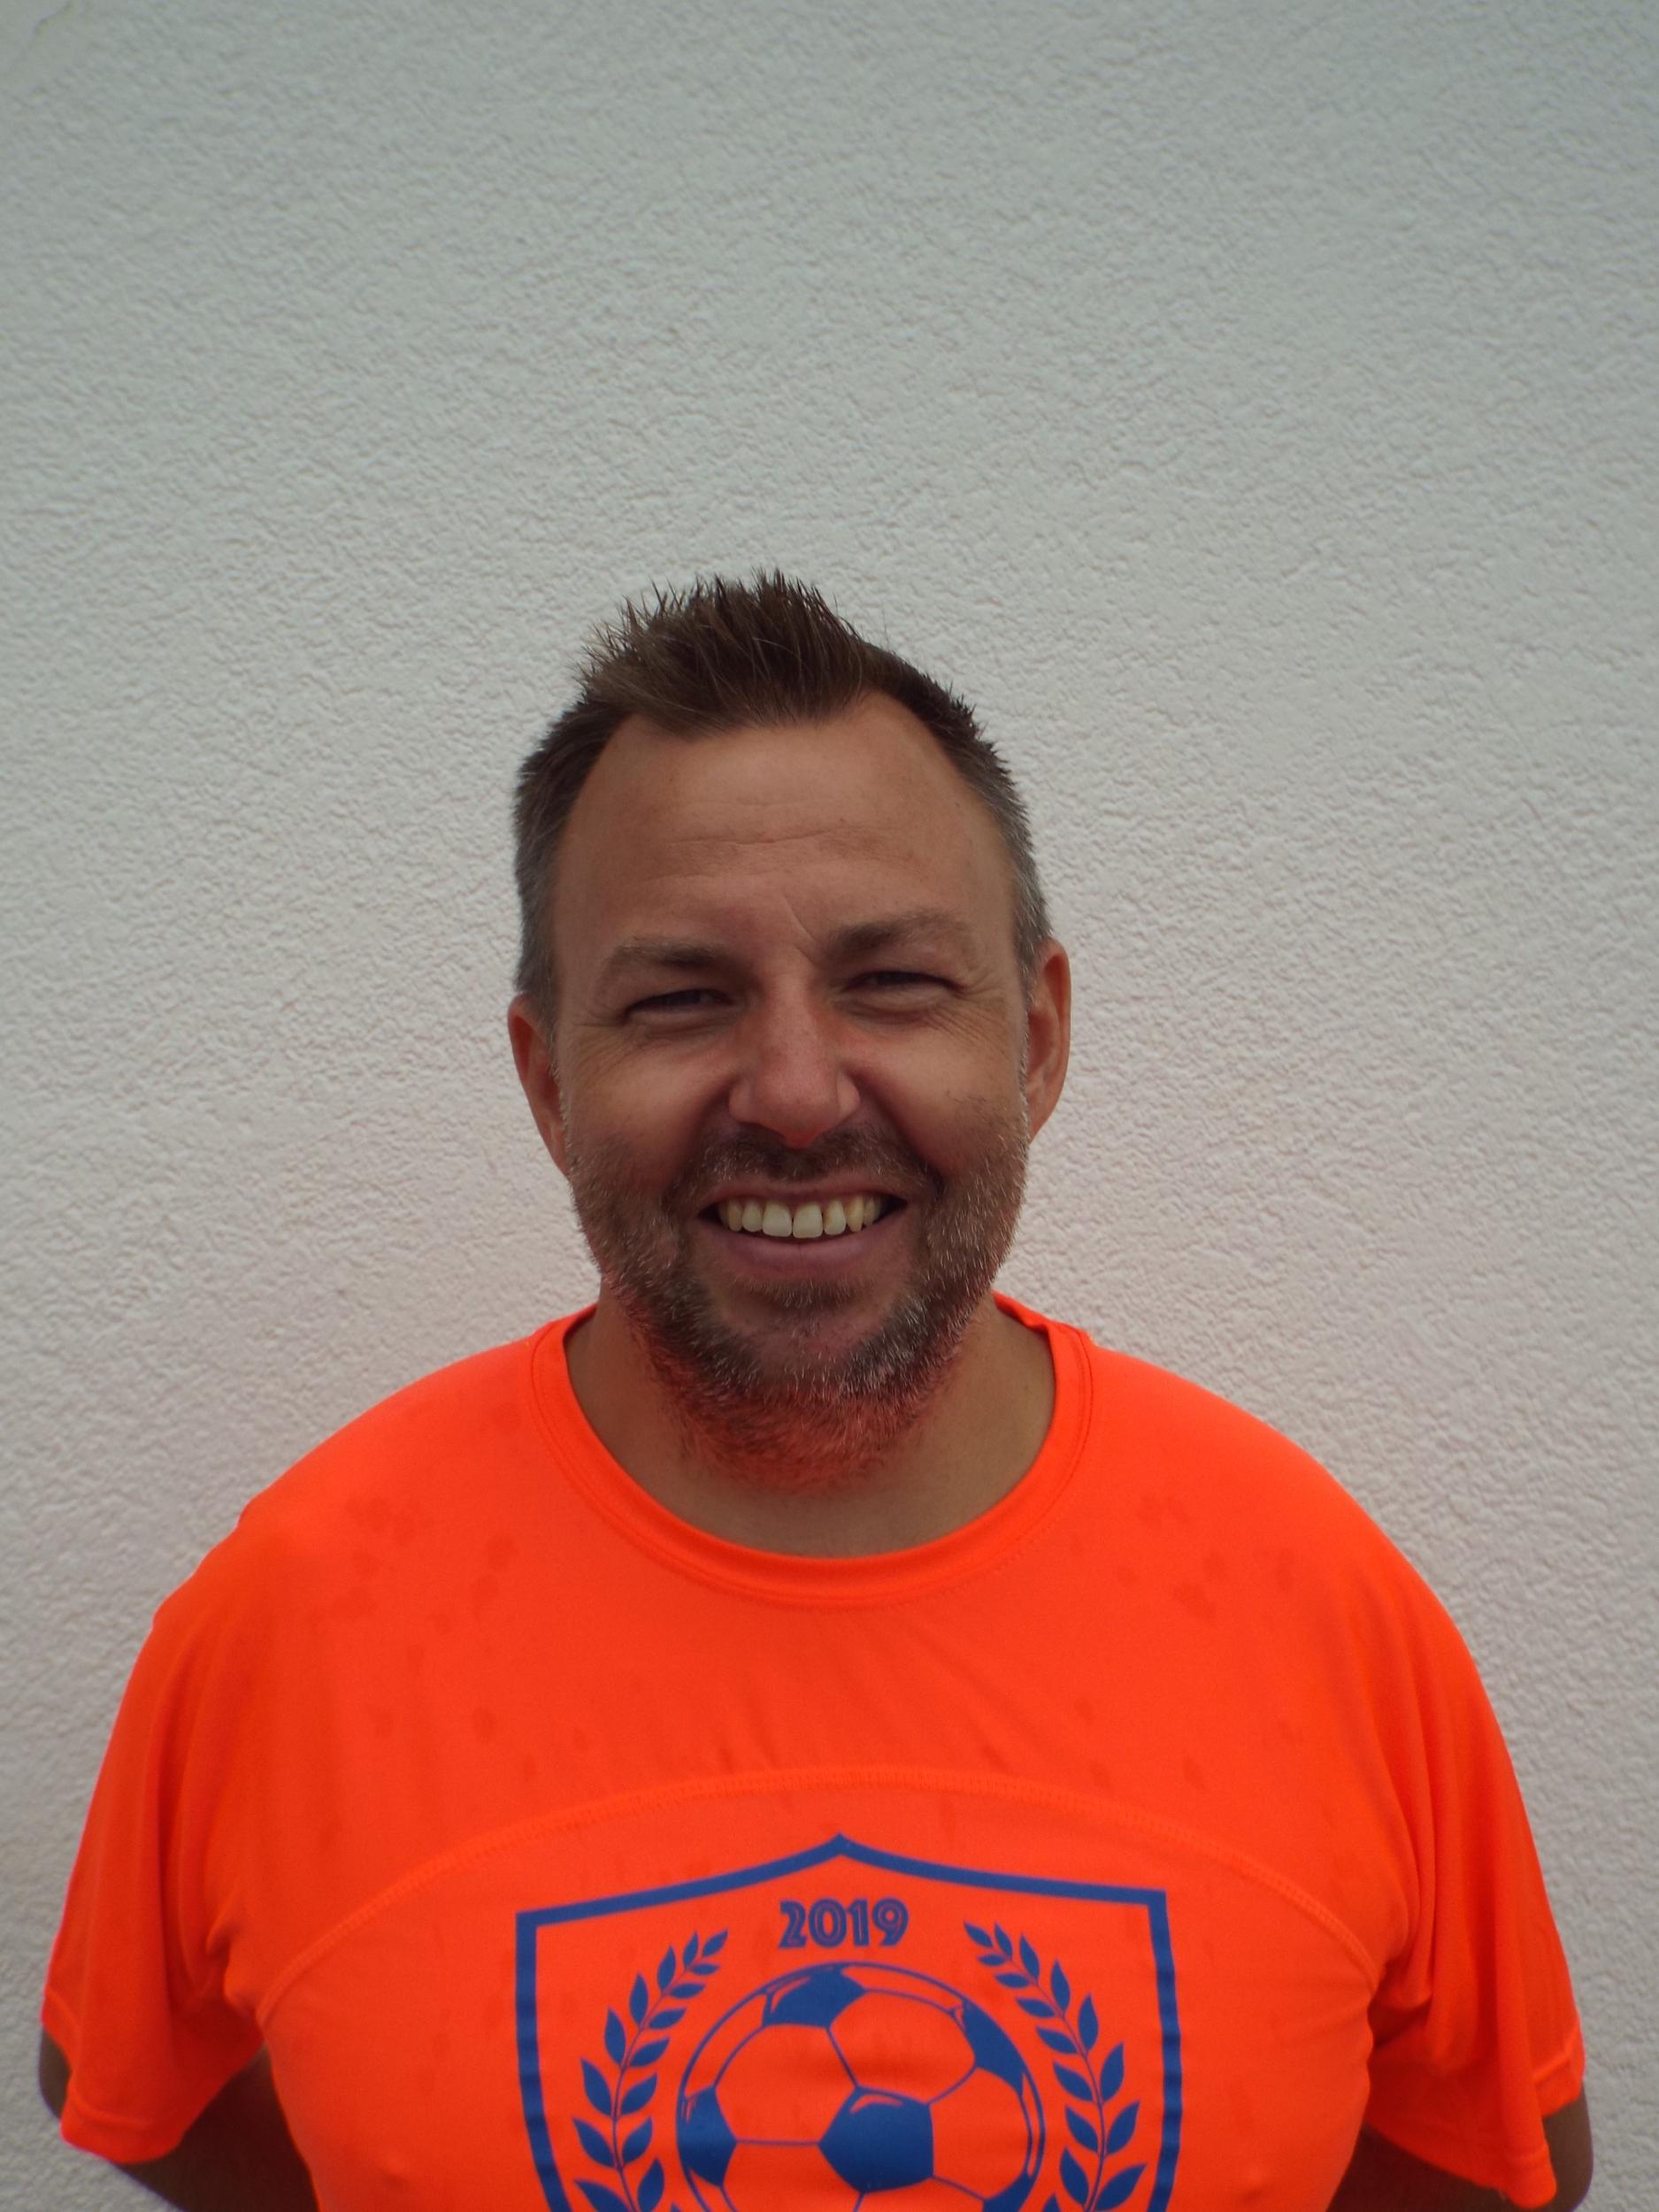 Carsten Witting